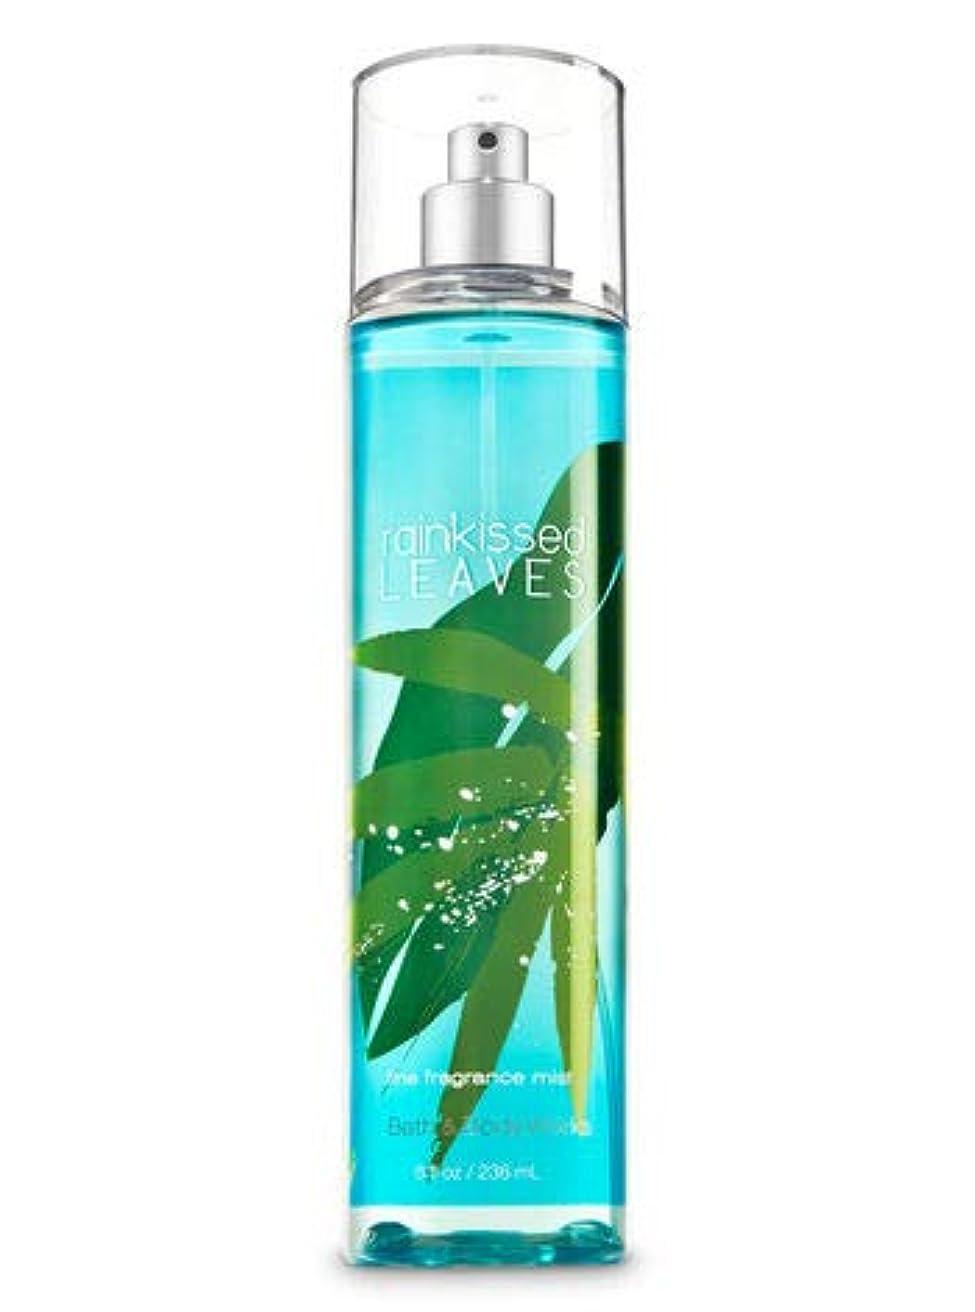 急速なケーブルベリー【Bath&Body Works/バス&ボディワークス】 ファインフレグランスミスト レインキスリーブス Fine Fragrance Mist Rainkissed Leaves 8oz (236ml) [並行輸入品]